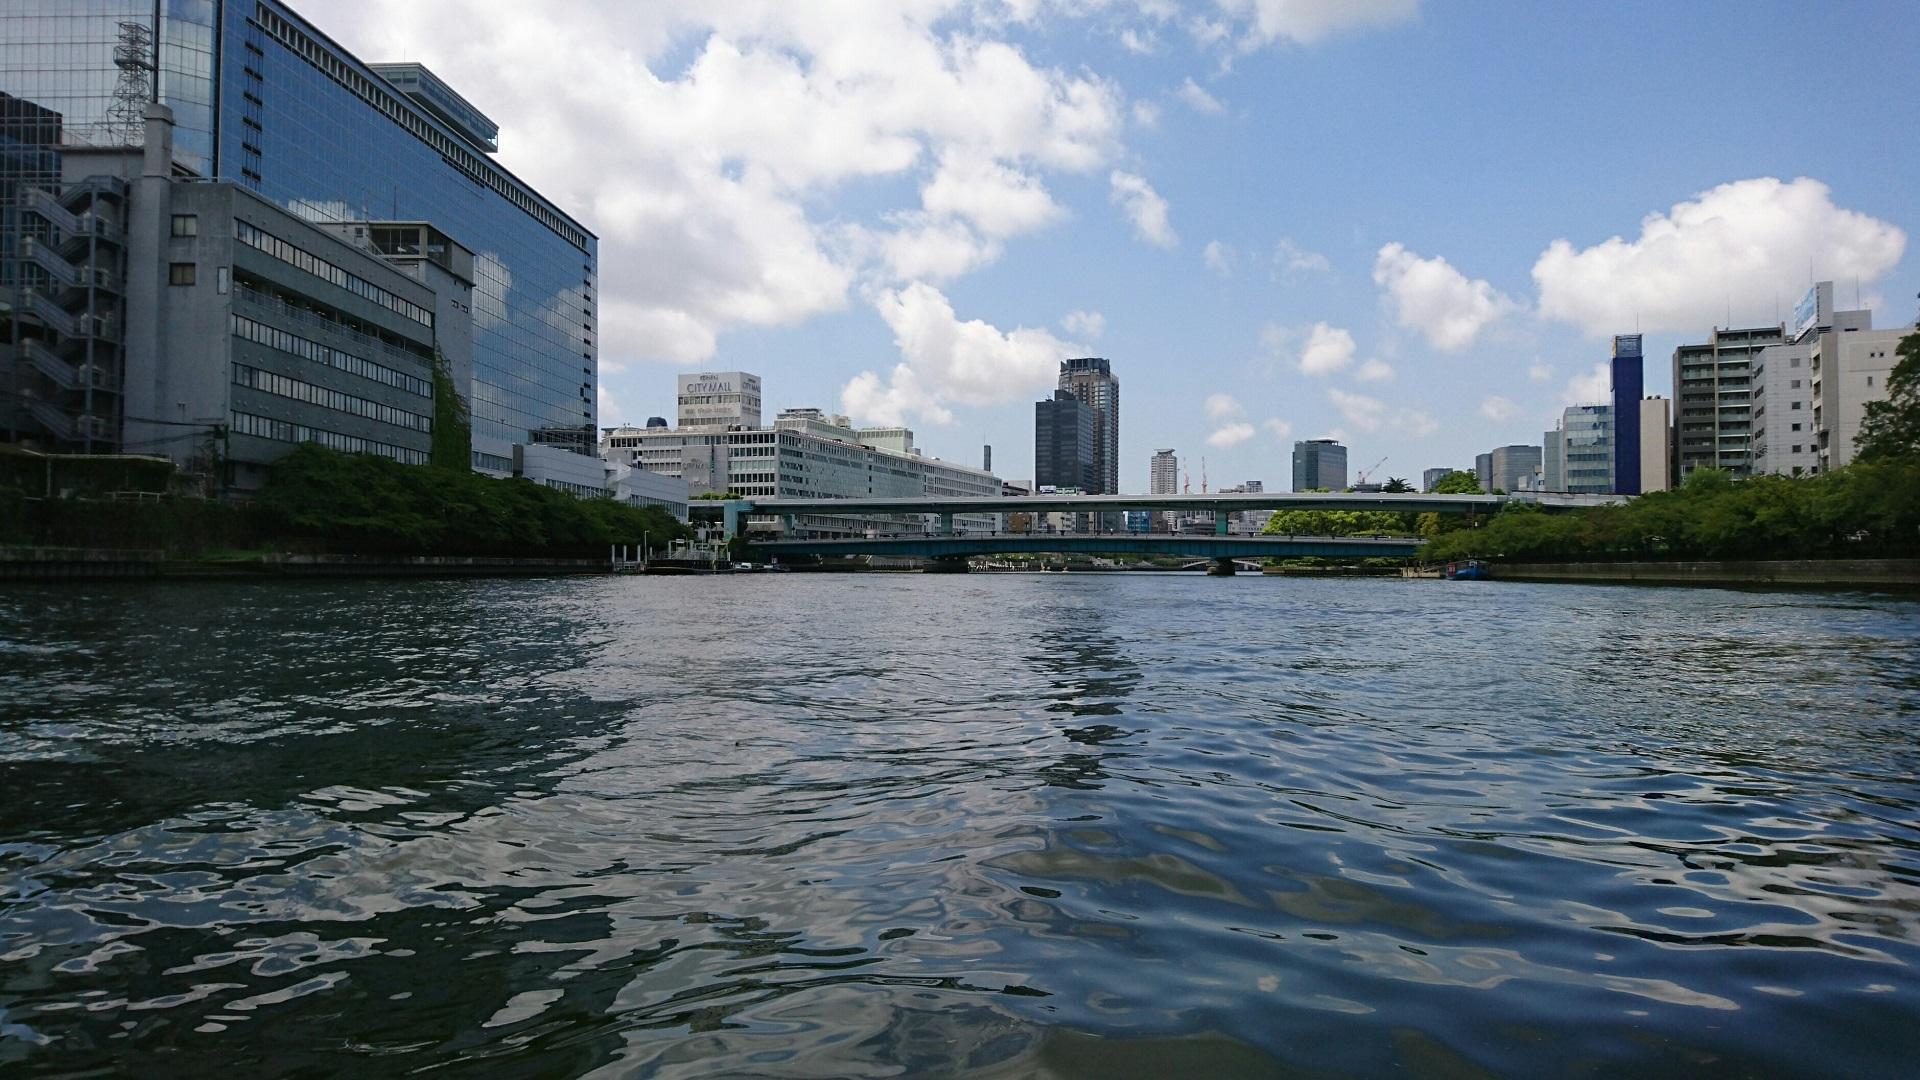 2017.8.18 ふね (27) 大川 - 天満橋 1920-1080